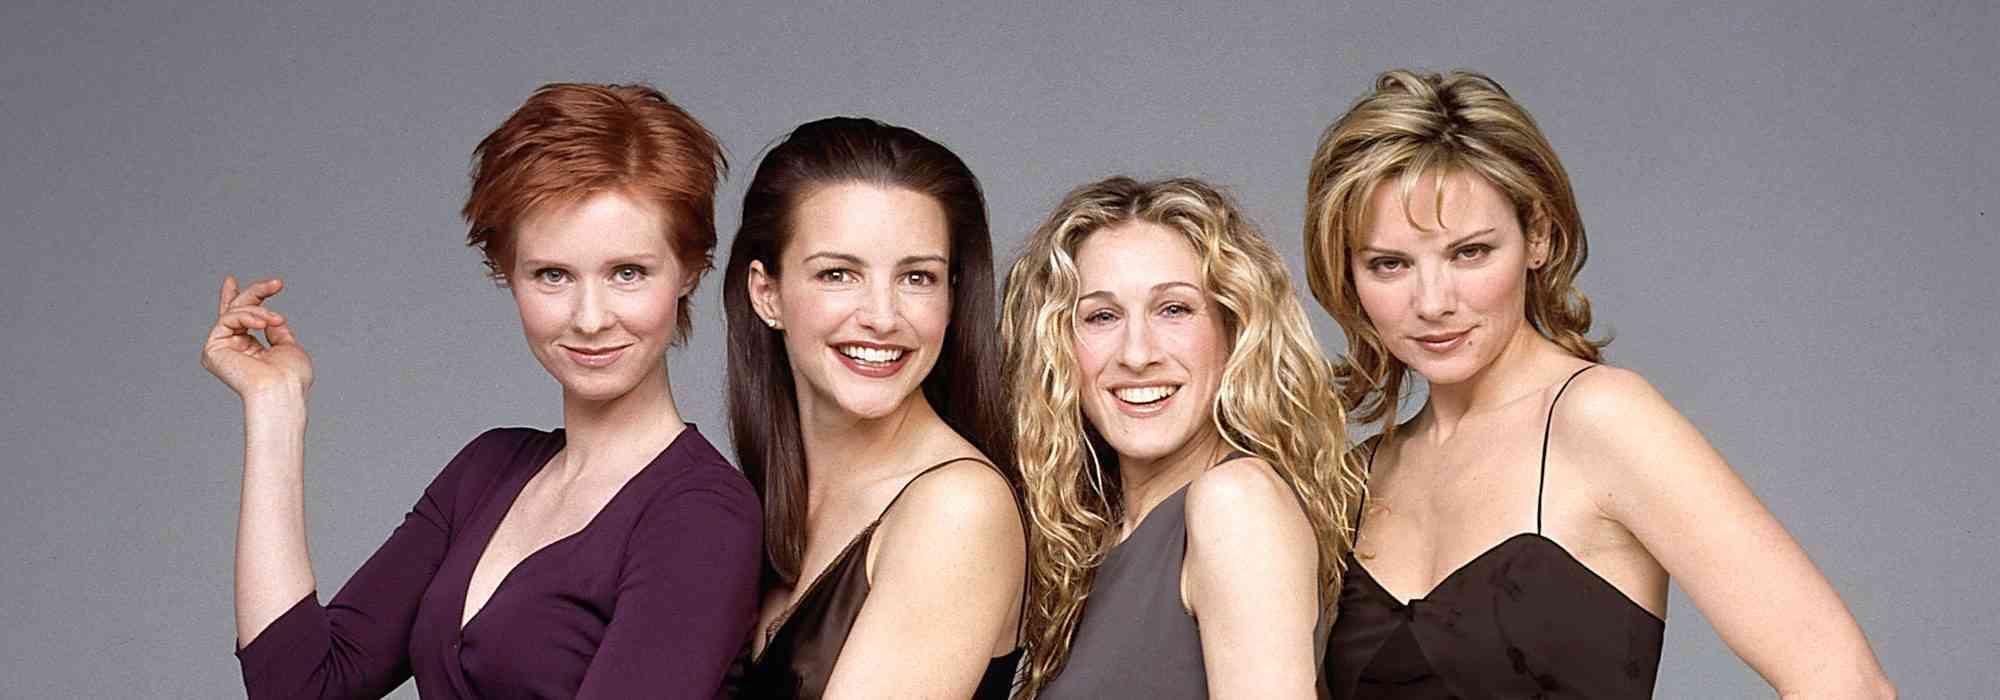 Se cumple 20 años del estreno de Sexo en Nueva York 1